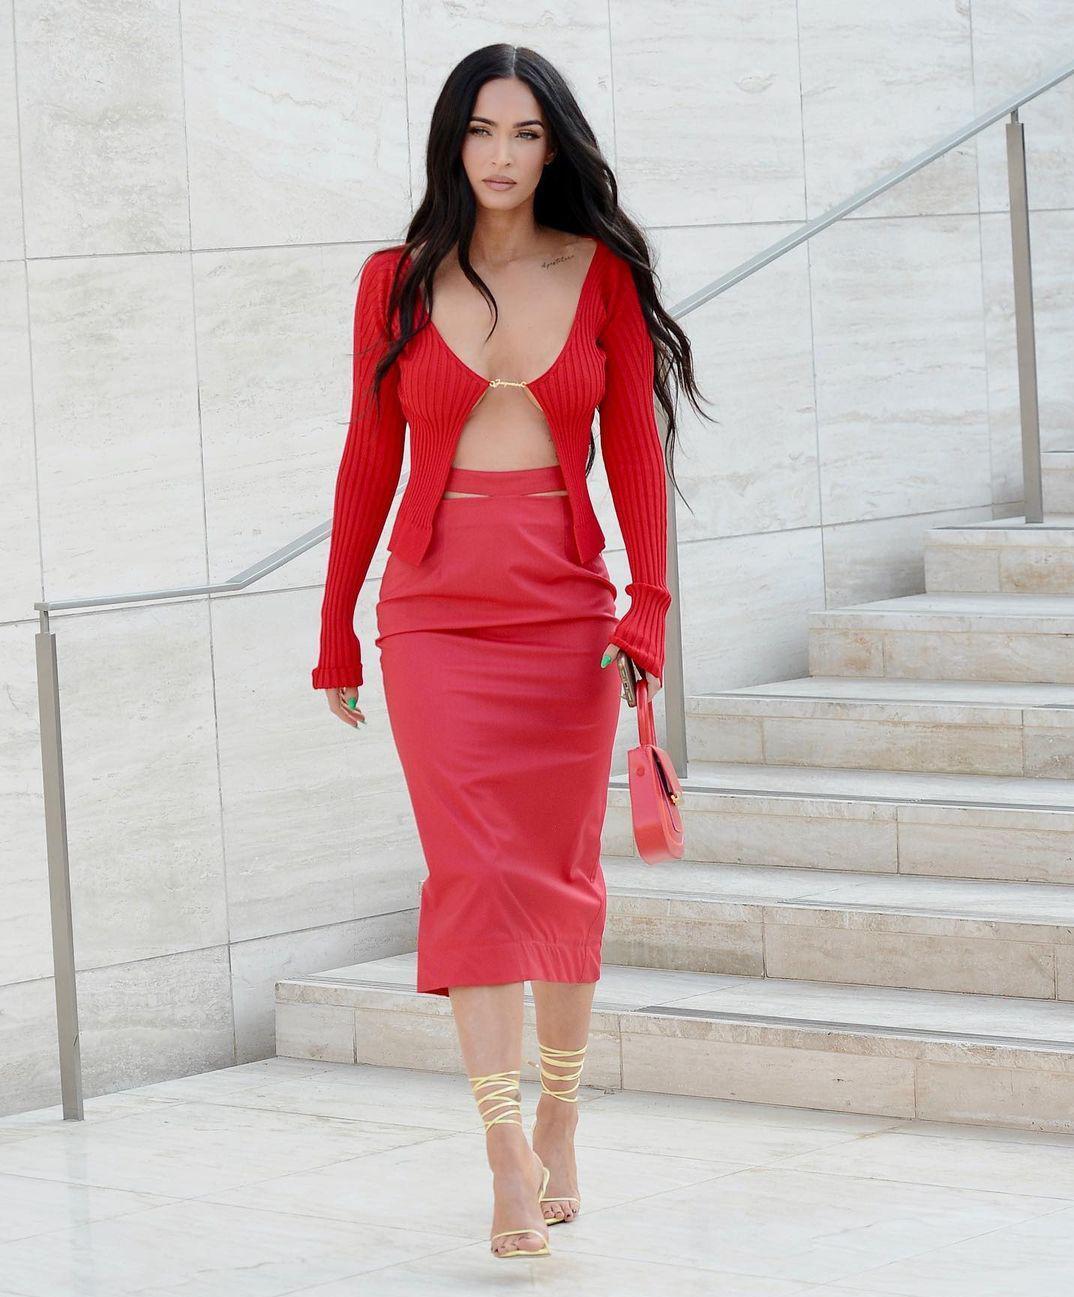 辣妹鼻祖重出江湖,35岁梅根裙装造型又拽又撩,诠释极致性感